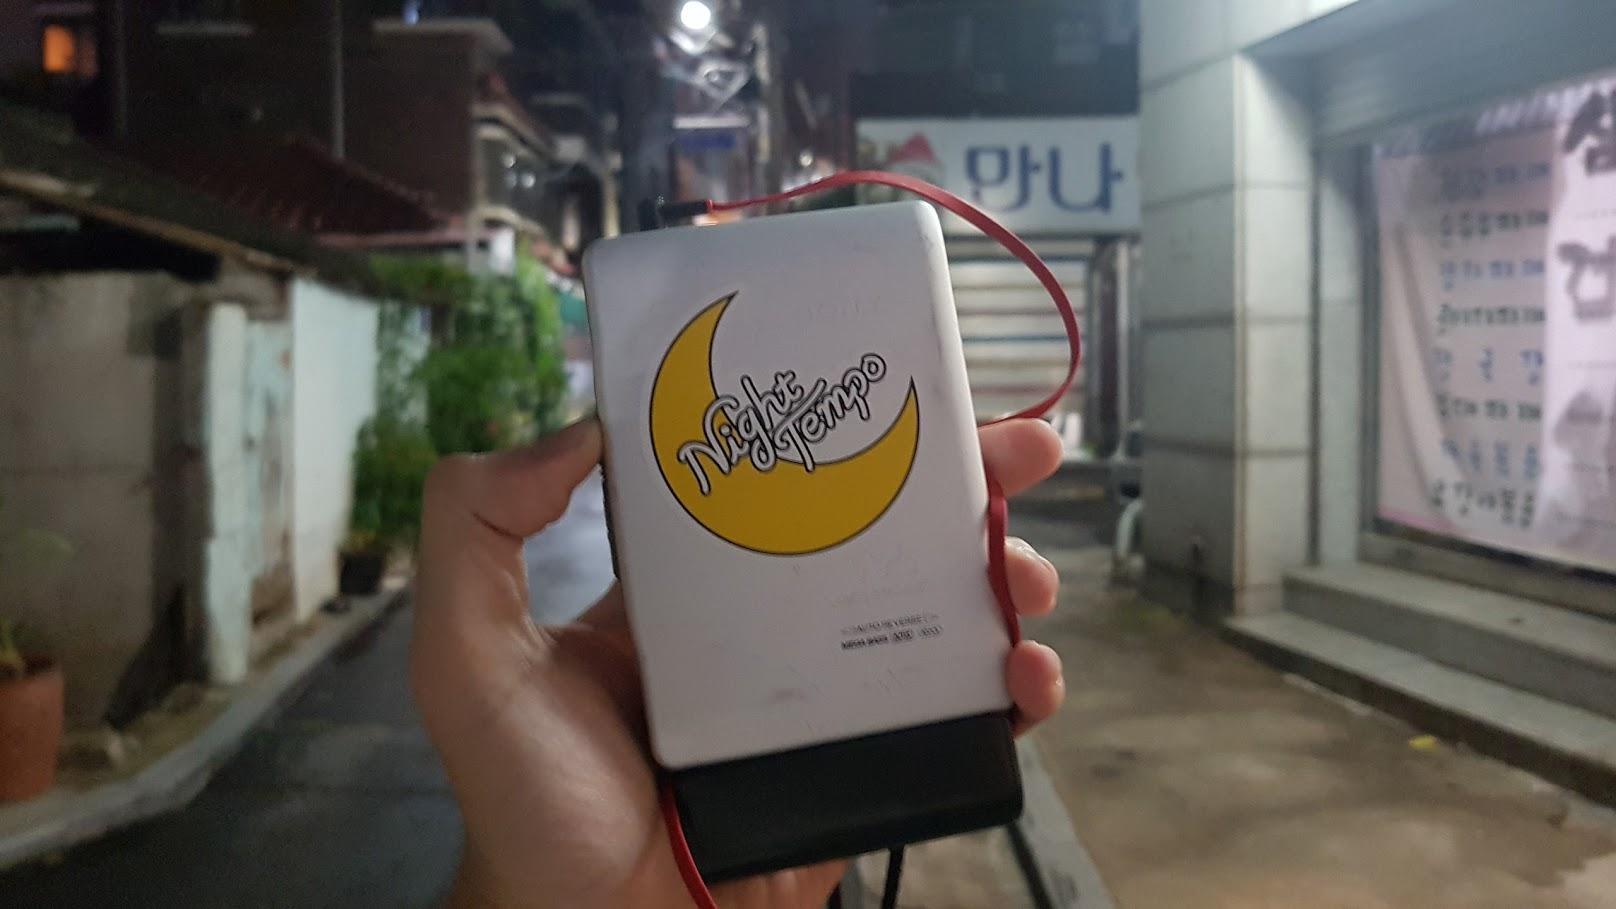 - My Companion Sony Walkman with Night Tempo sticker on it. :)